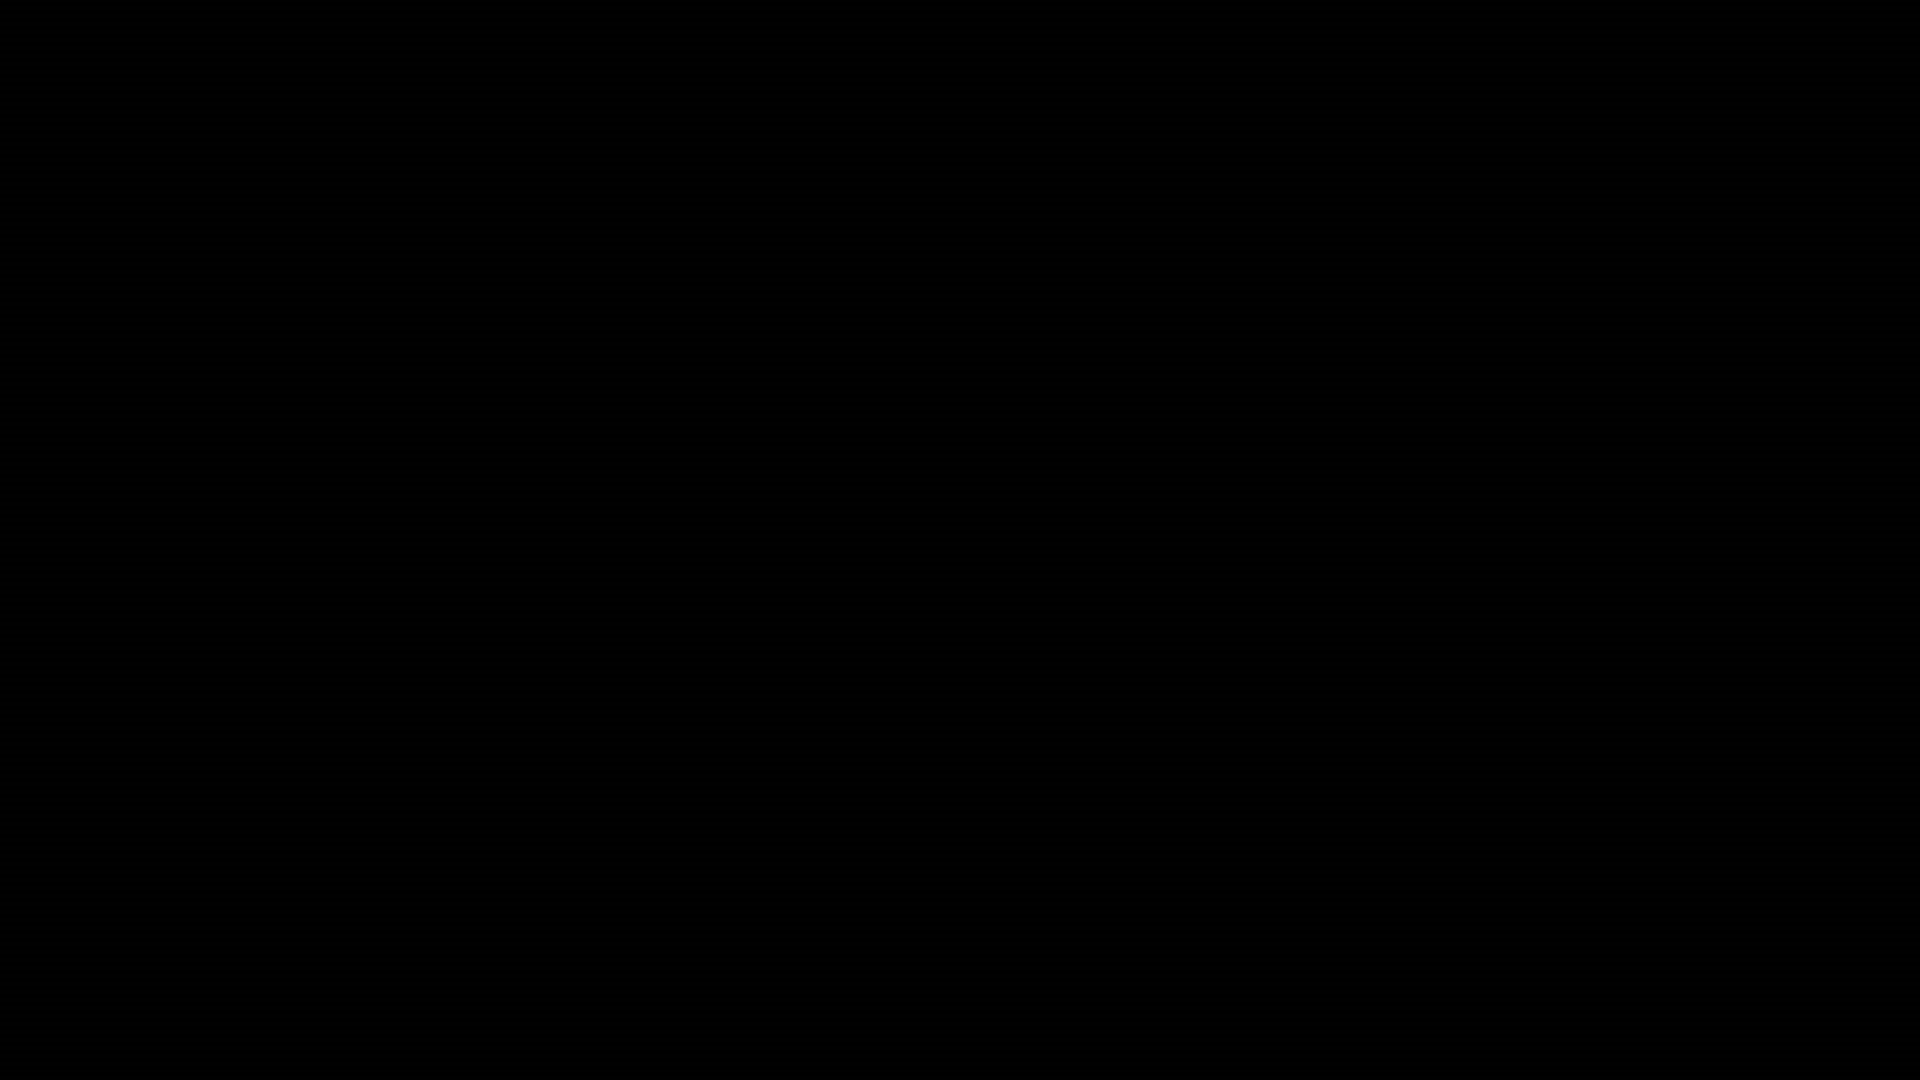 لوحة سيراميك من الفوم بمرشح من سبائك الألومنيوم